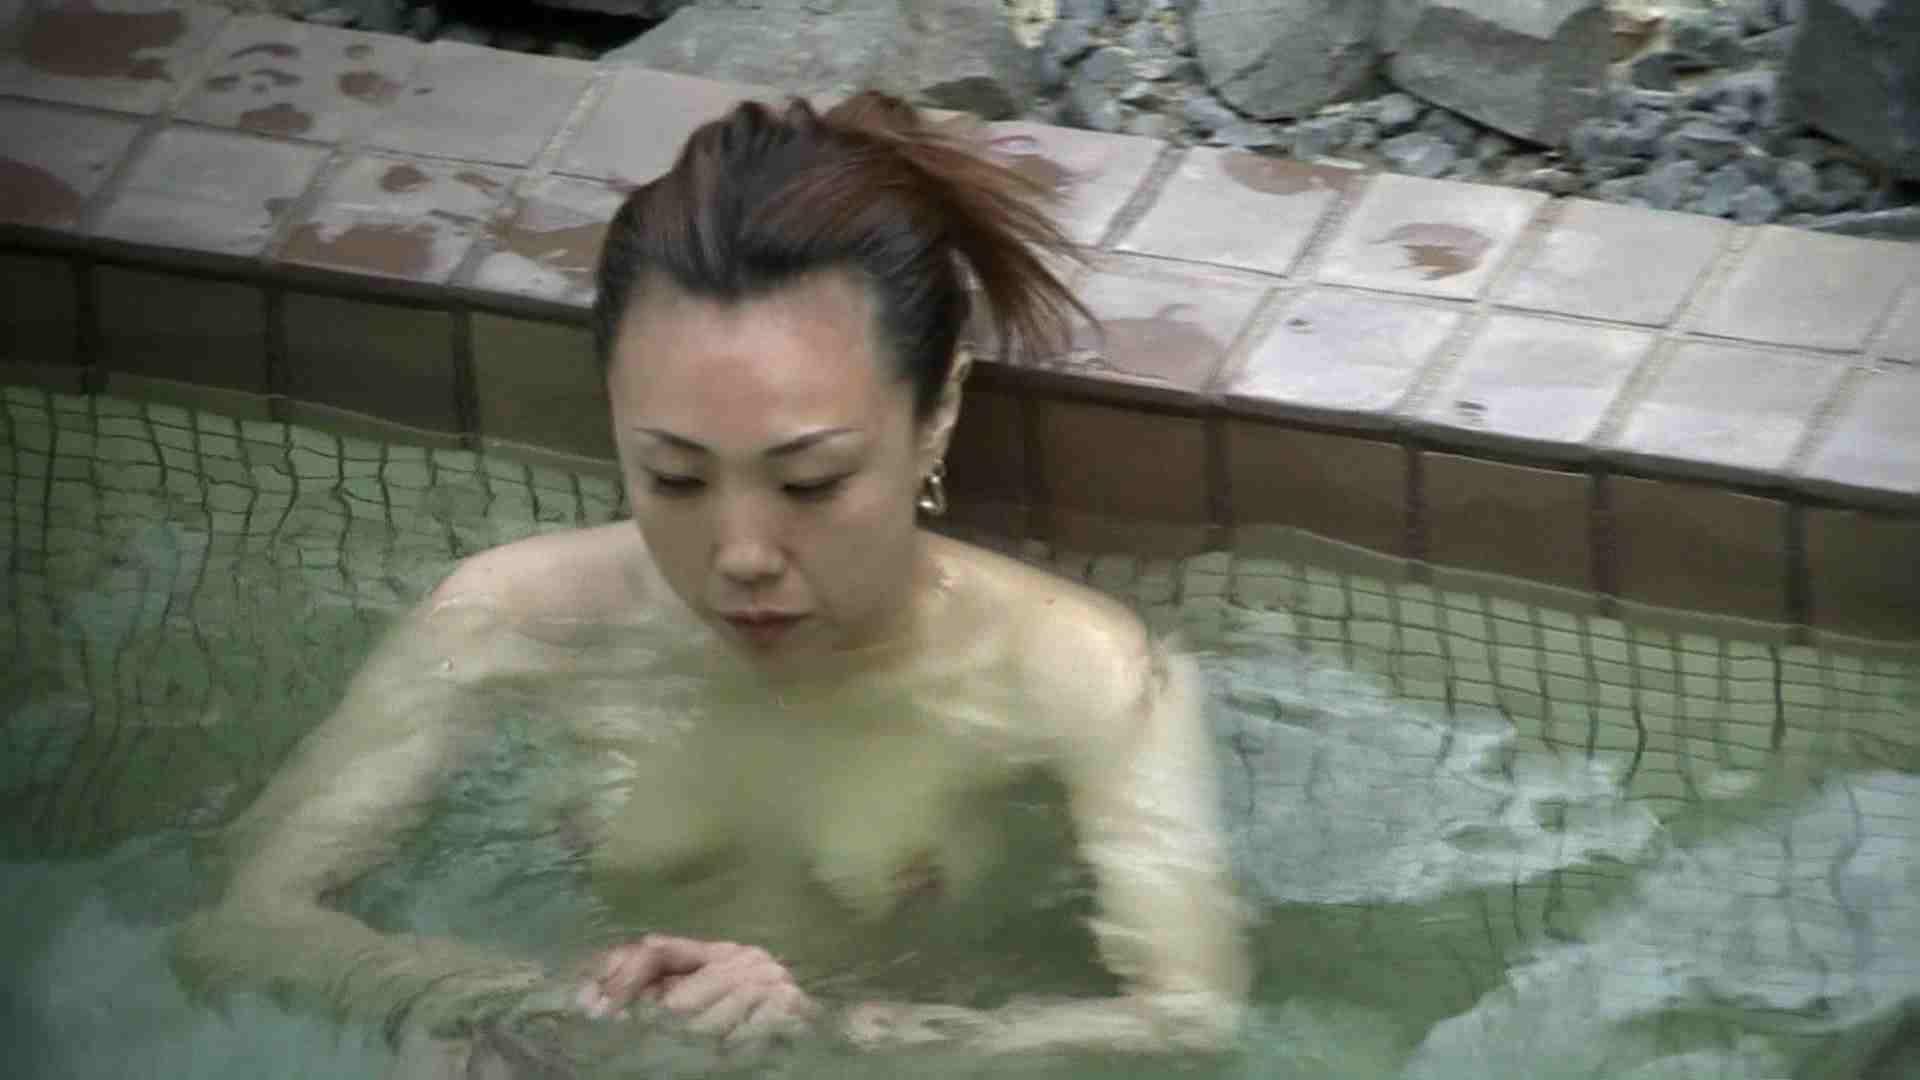 Aquaな露天風呂Vol.654 盗撮動画 | 露天風呂  11枚 7